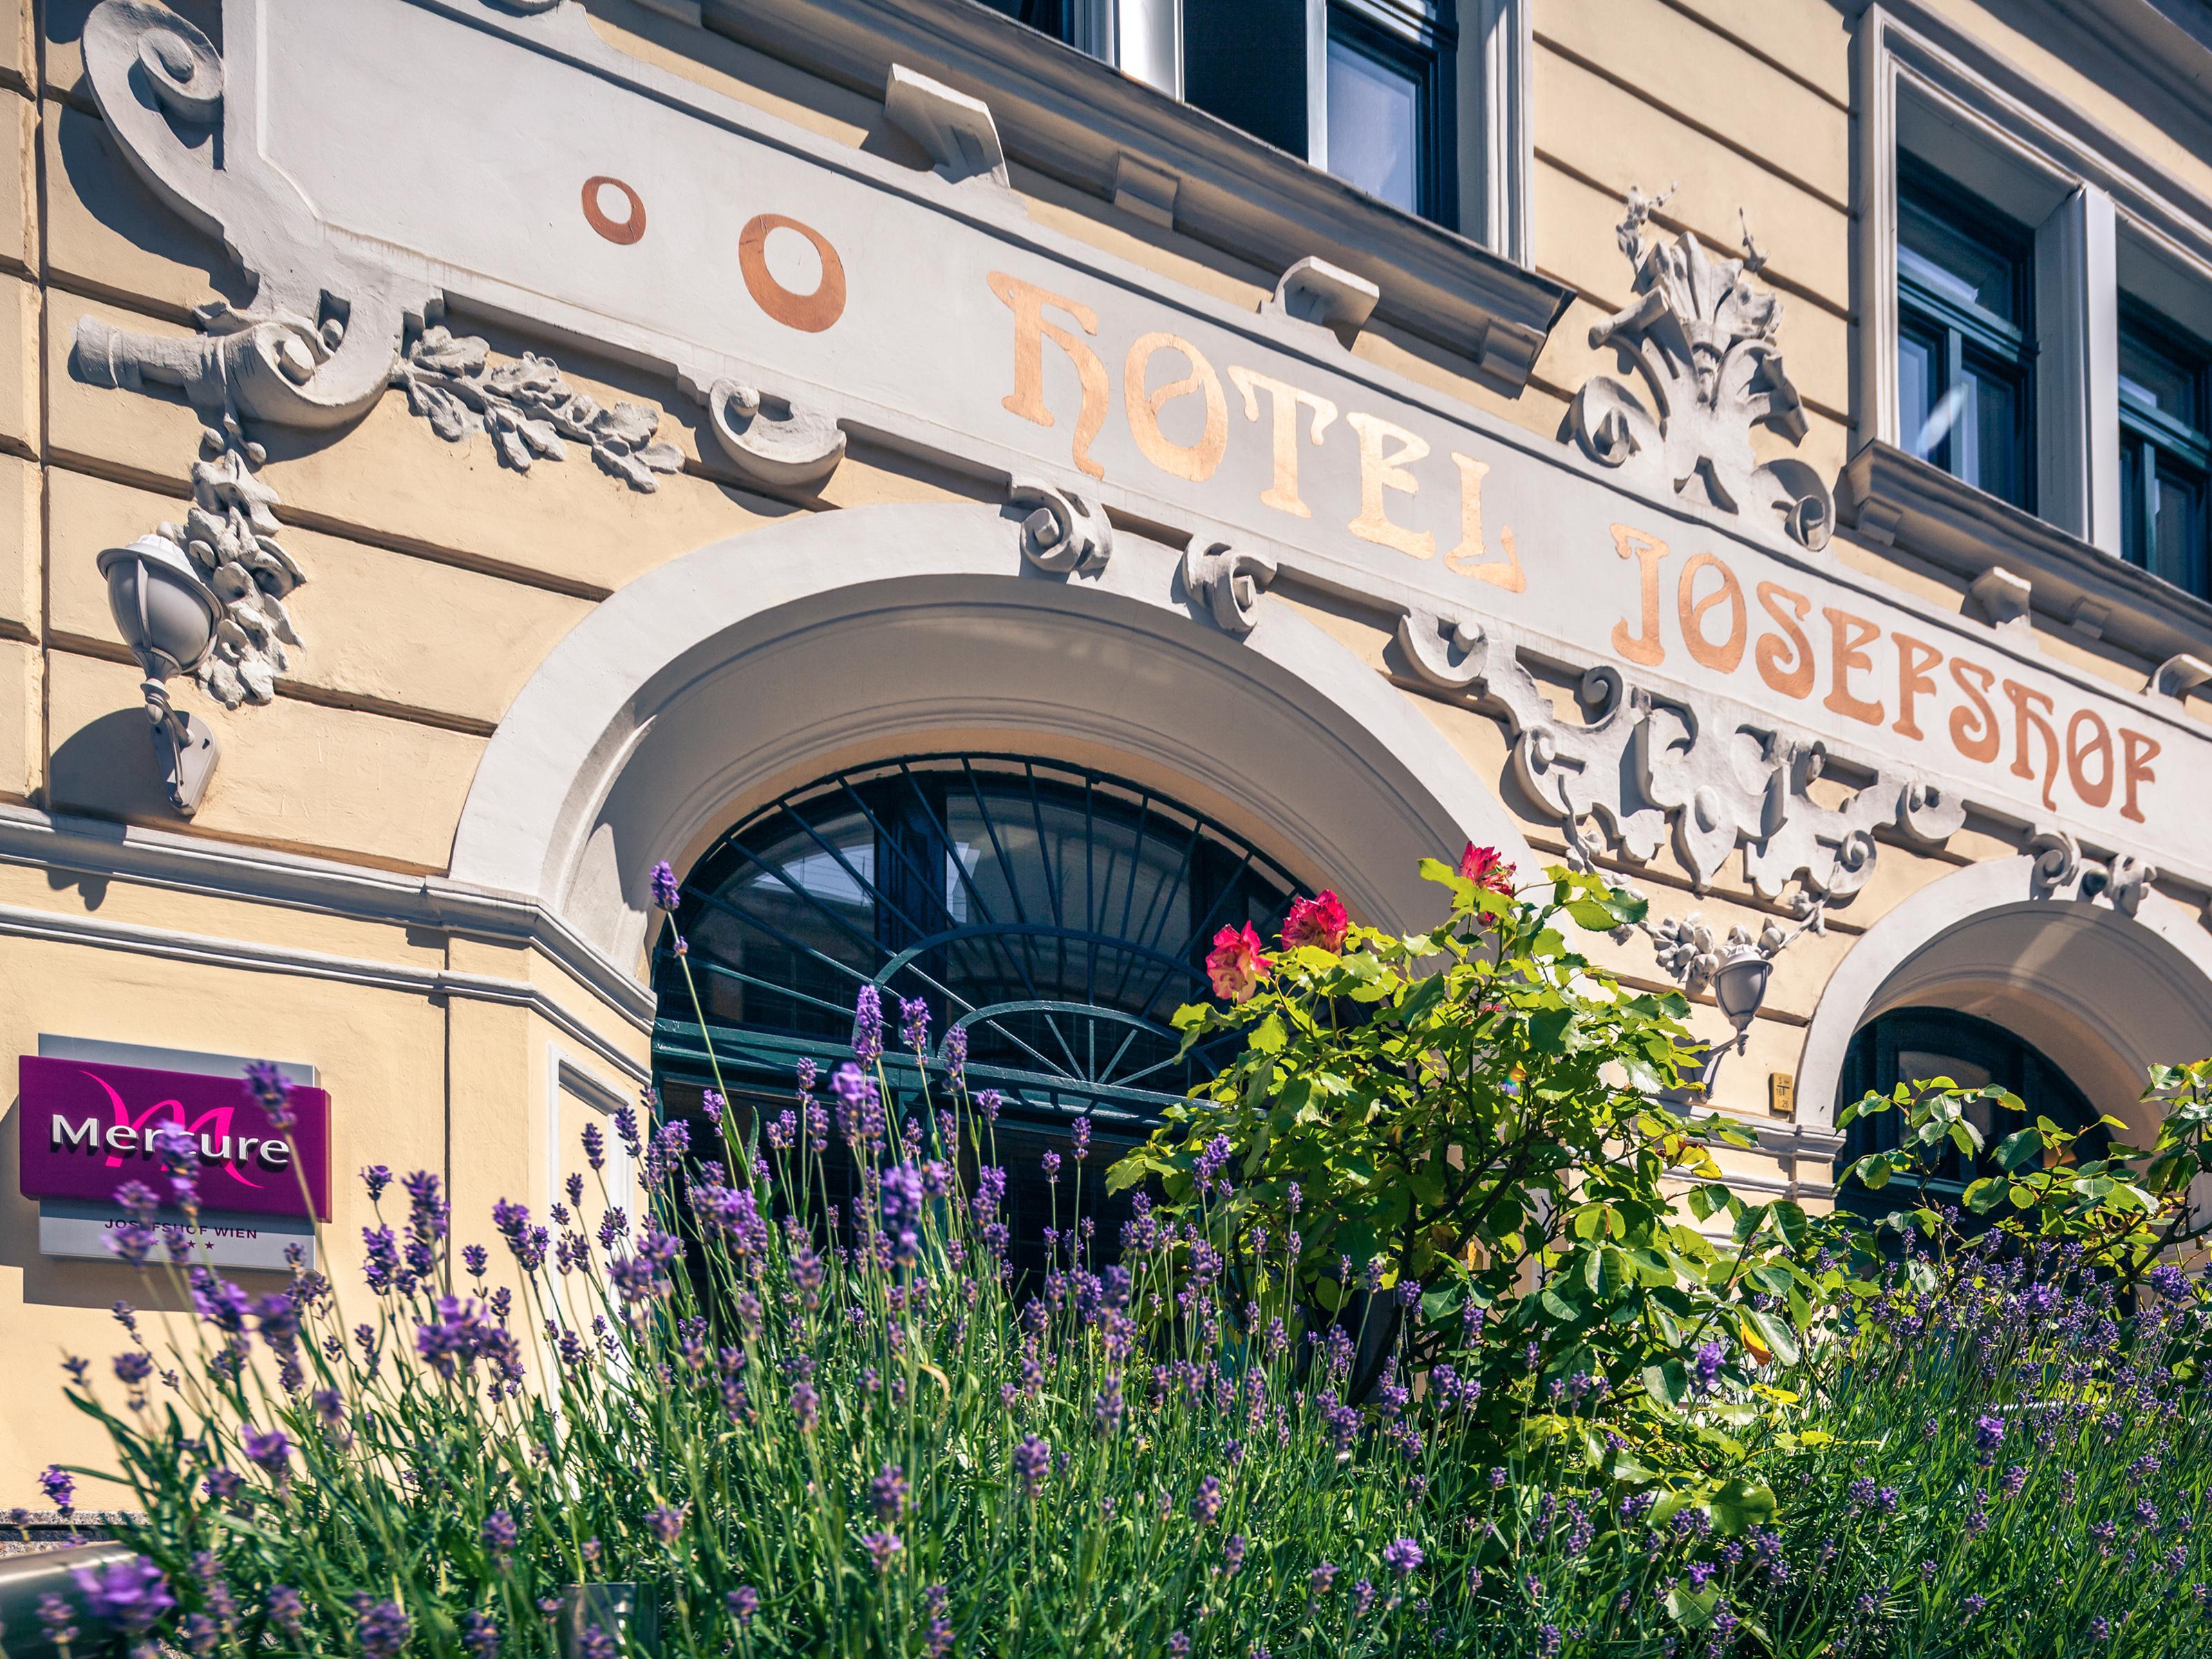 4 Sterne Hotel Josefshof Am Rathaus In Der Wiener Josefstadt Hotel